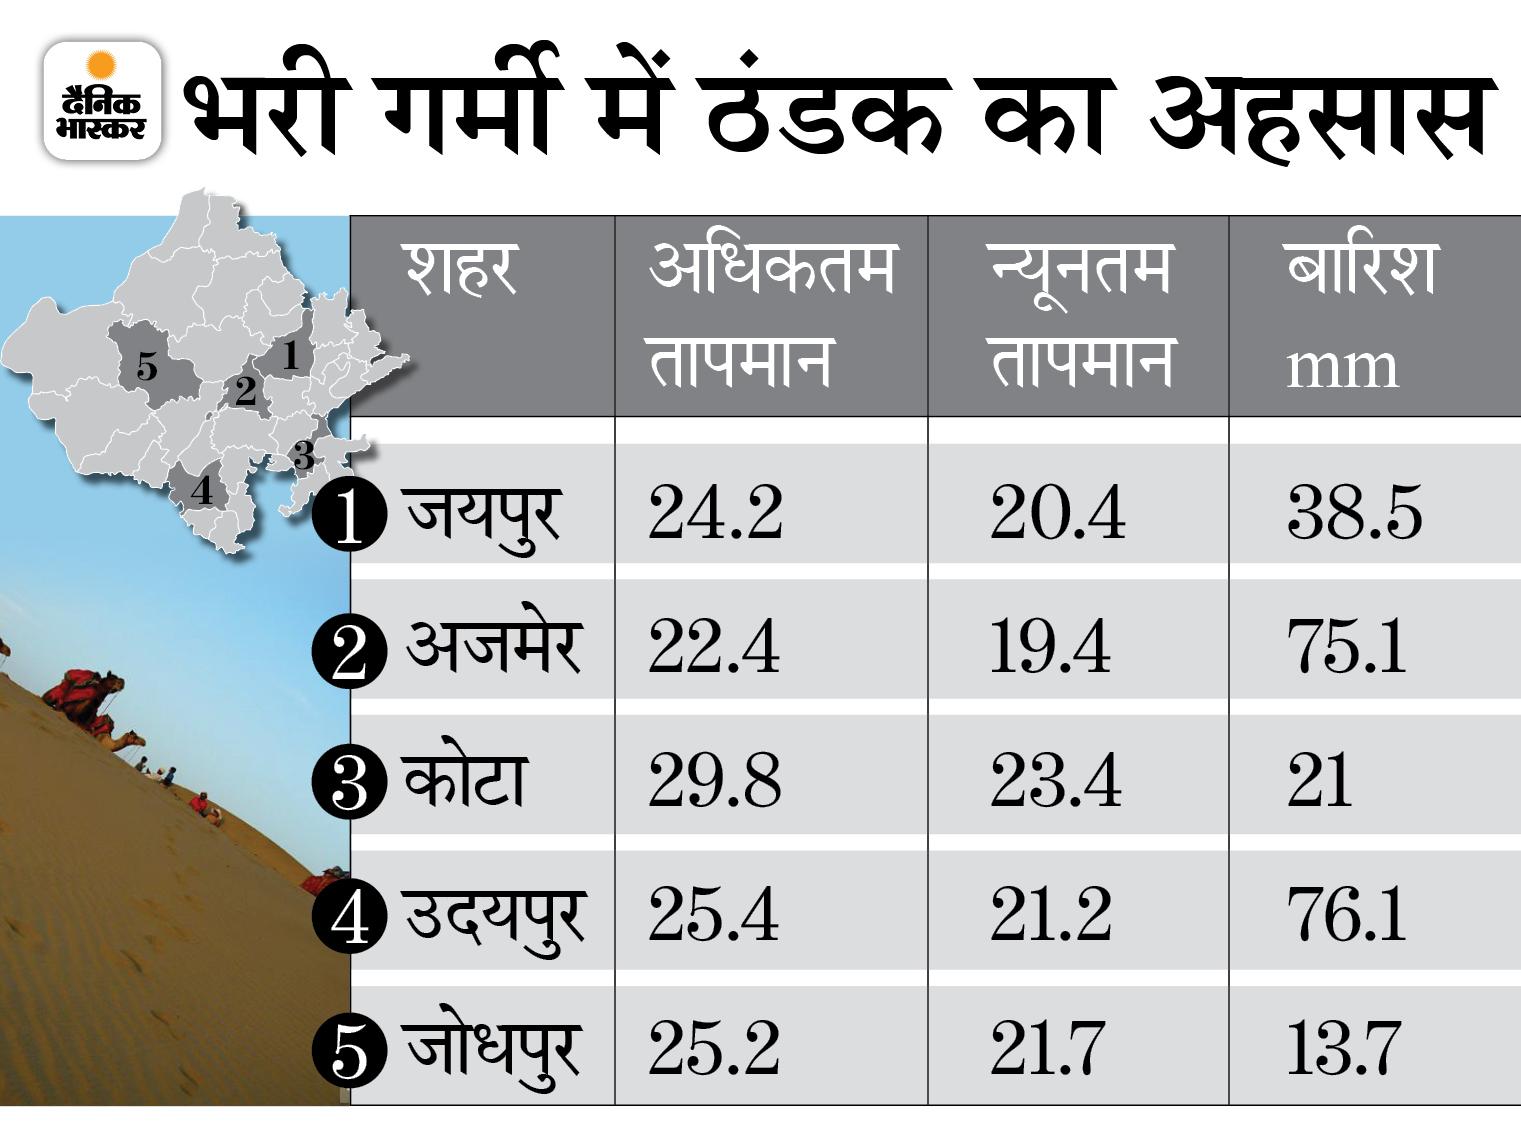 जयपुर, भरतपुर संभाग के कई जिलों में 14 घंटे से ज्यादा समय तक चला रिमझिम बारिश का दौर; इस कारण अलवर में दिन और रात के तापमान में 0.3 का ही अंतर आया|राजस्थान,Rajasthan - Dainik Bhaskar